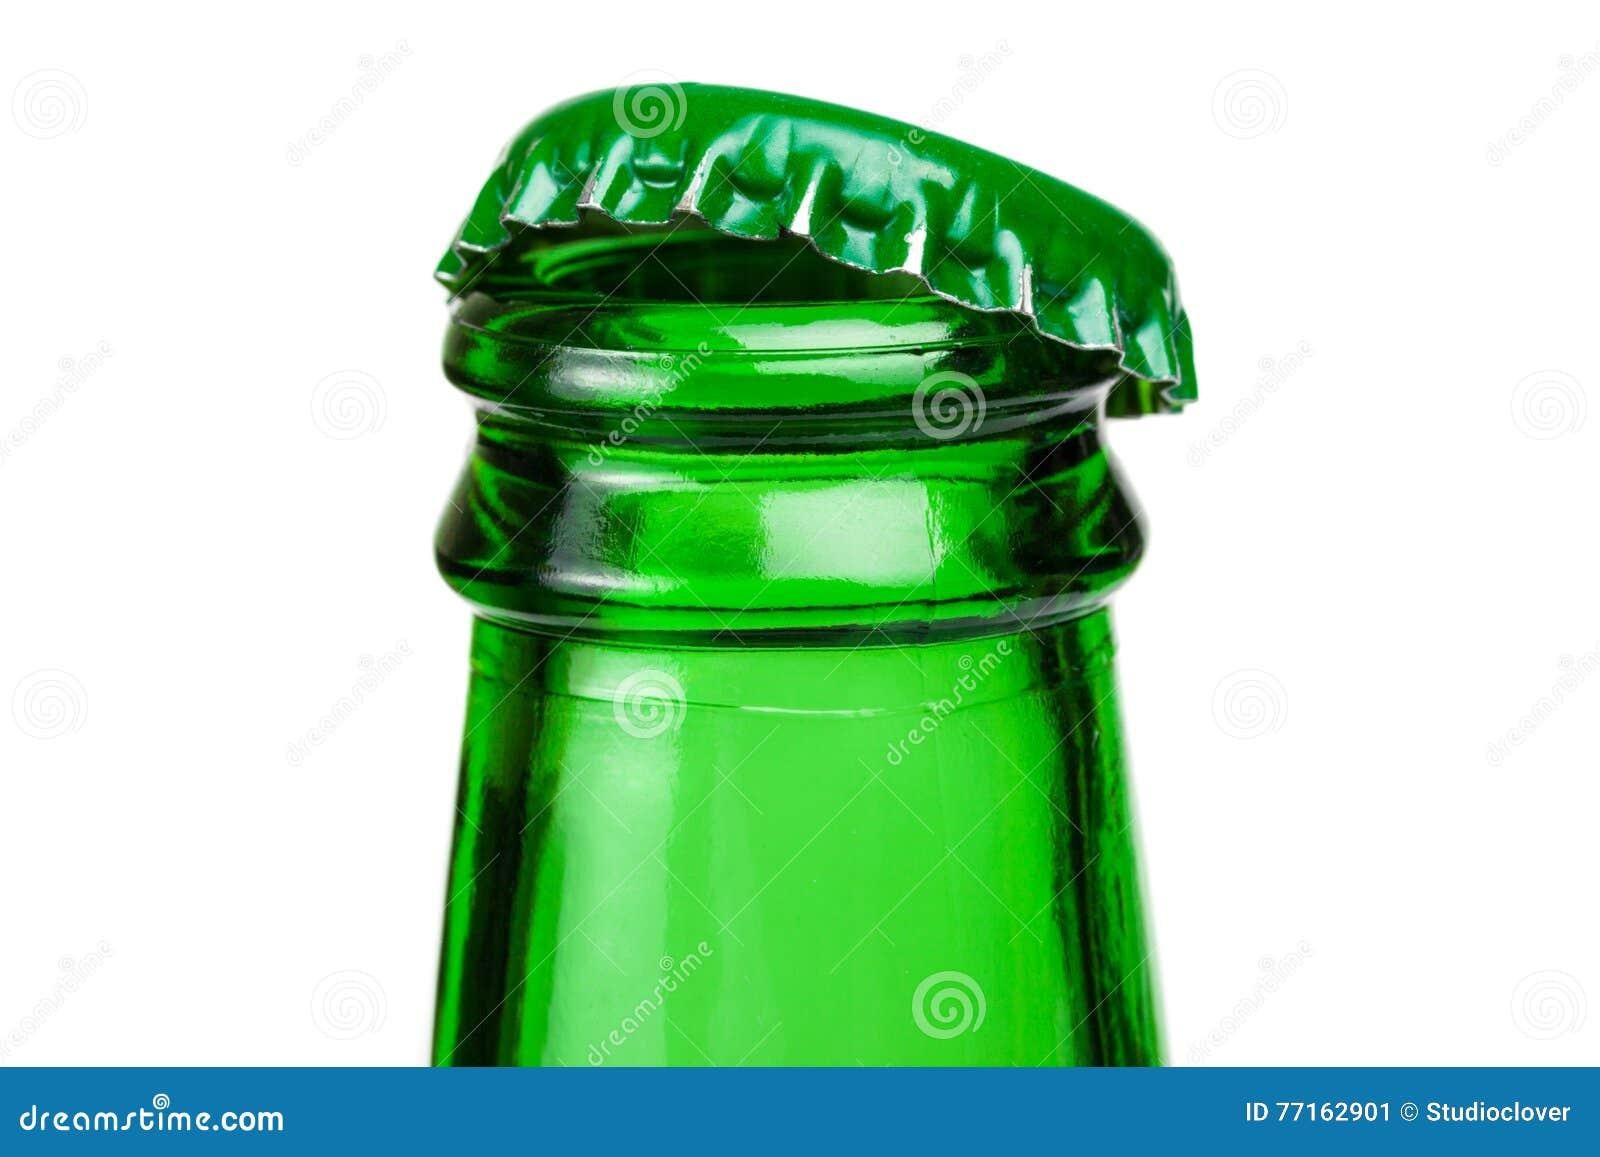 Goulot d étranglement de bouteille à bière verte au-dessus du fond blanc